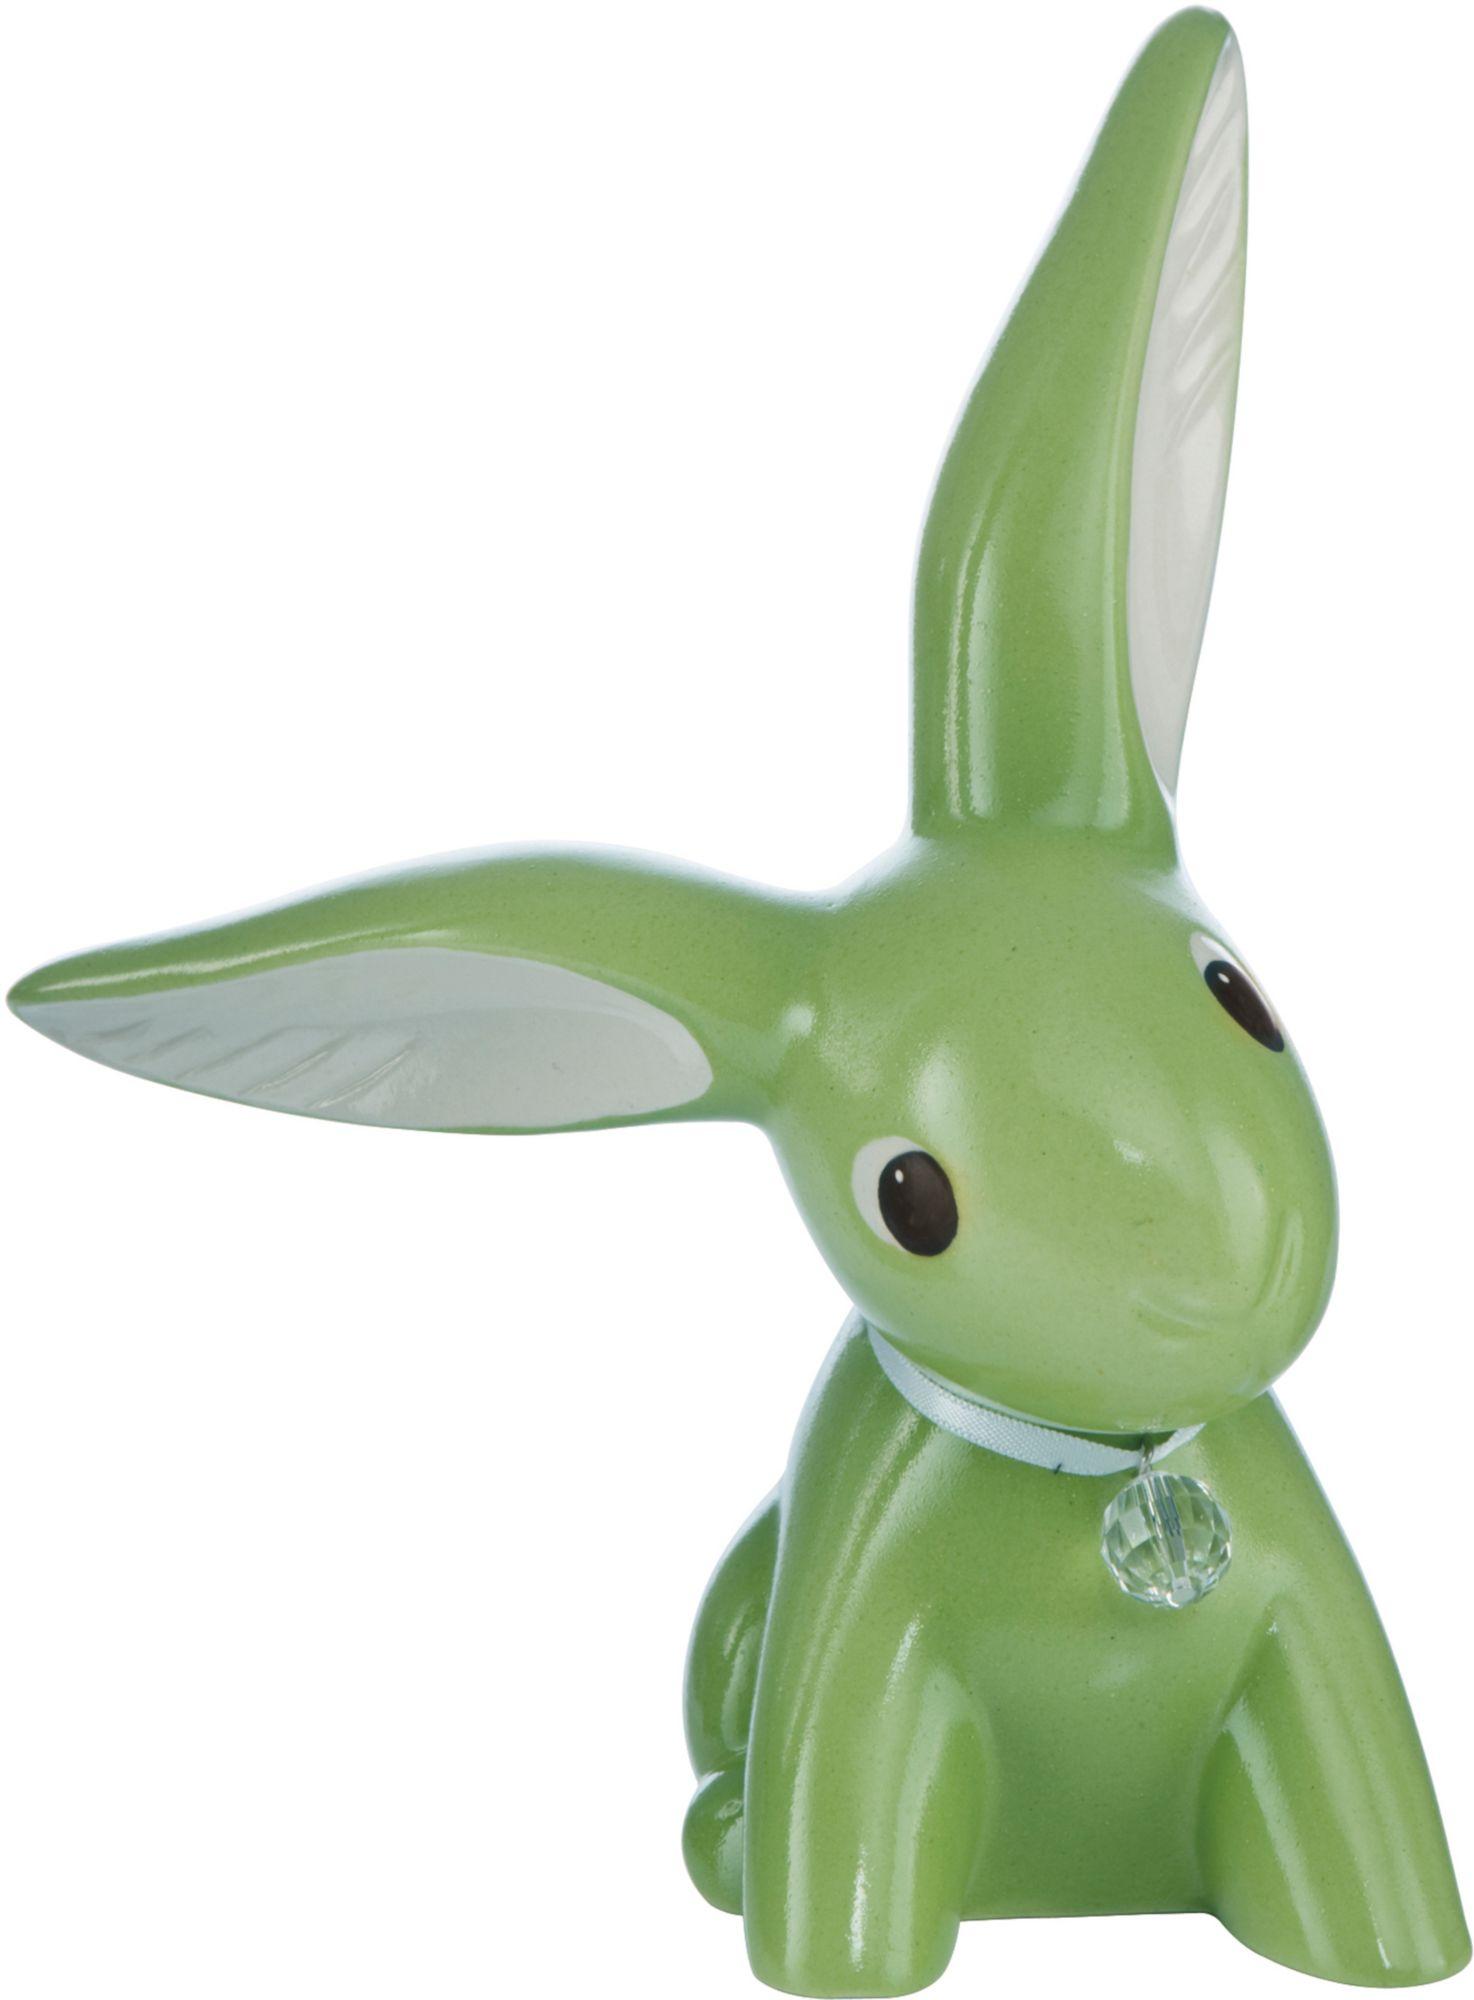 GOEBEL Goebel Hase Bunny de luxe, »Green Big Bunny«